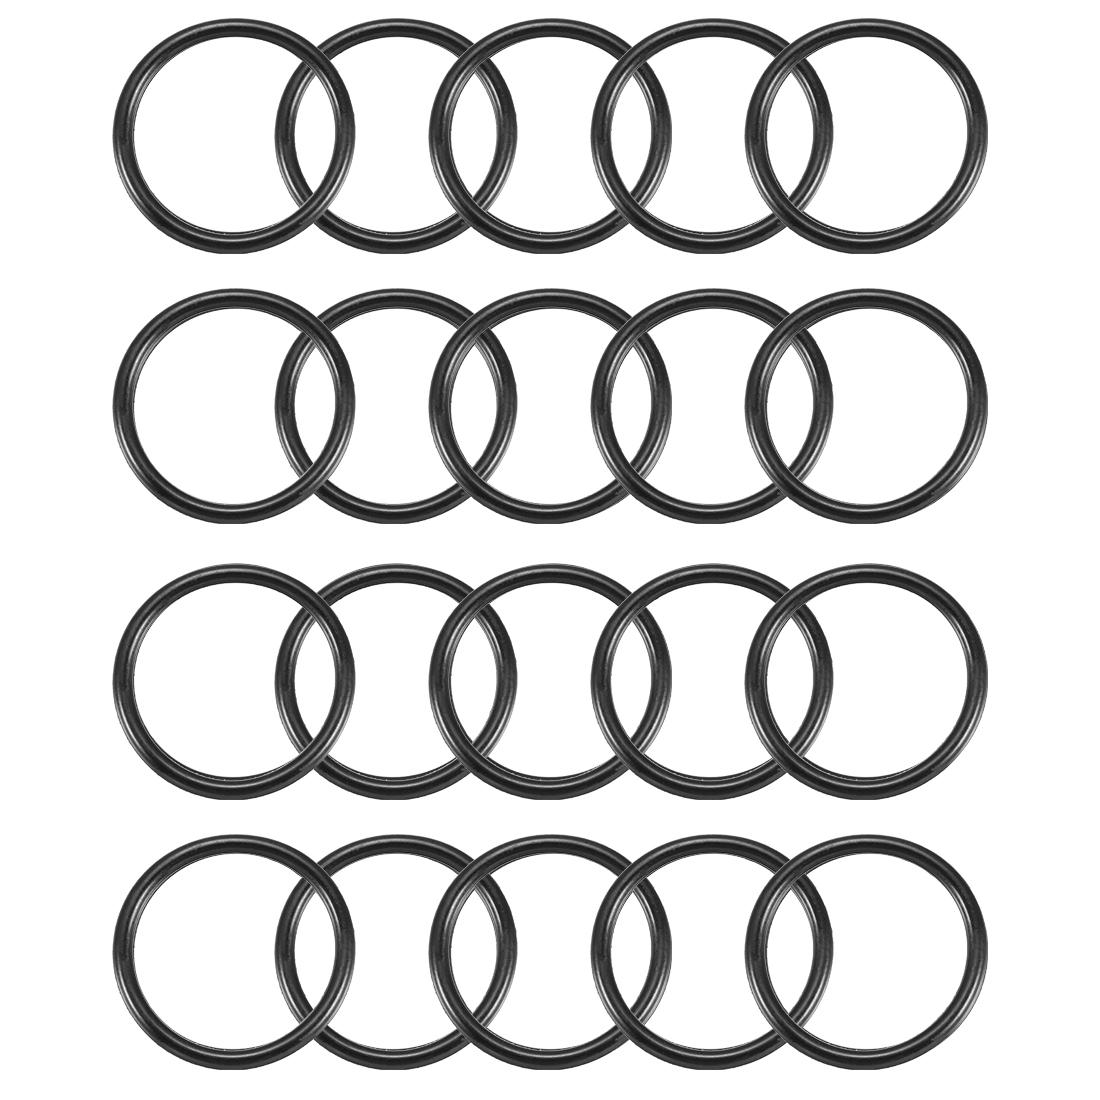 20pcs Black Nitrile Butadiene Rubber NBR O-Ring 27mm Inner Dia 2.5mm Width